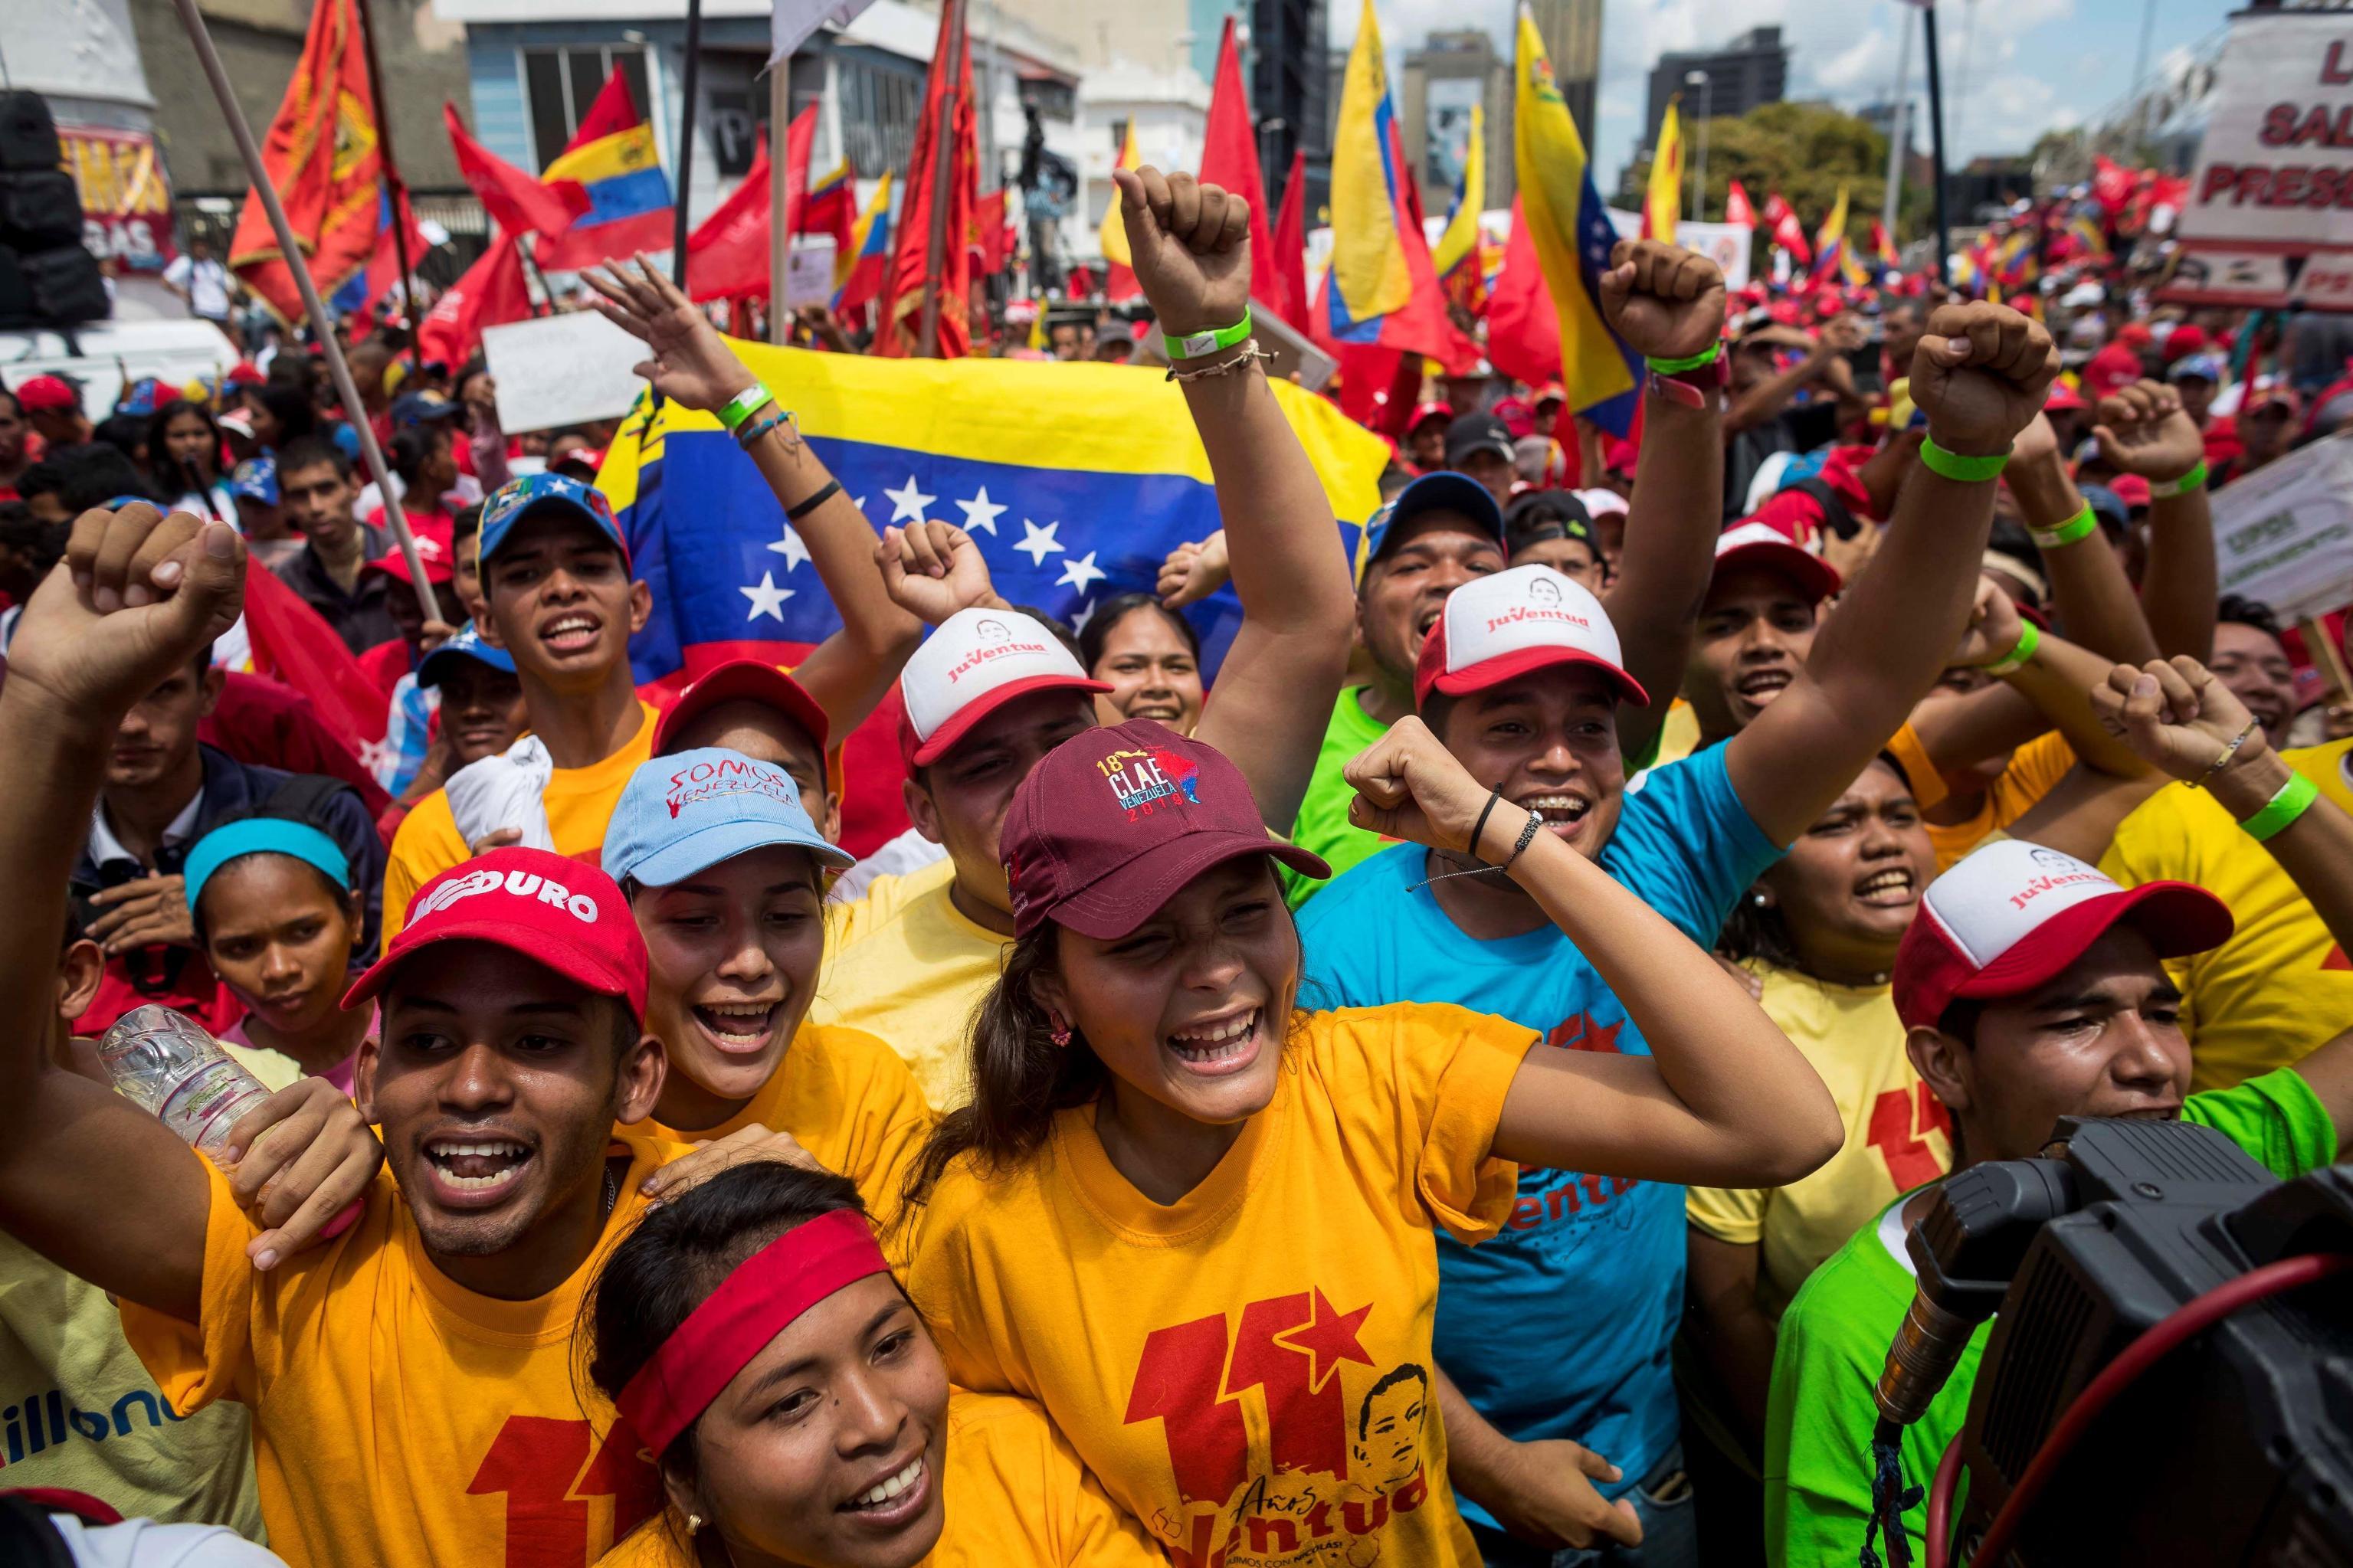 Tra i manifestanti sfilano molti giovani della Juventud chavista